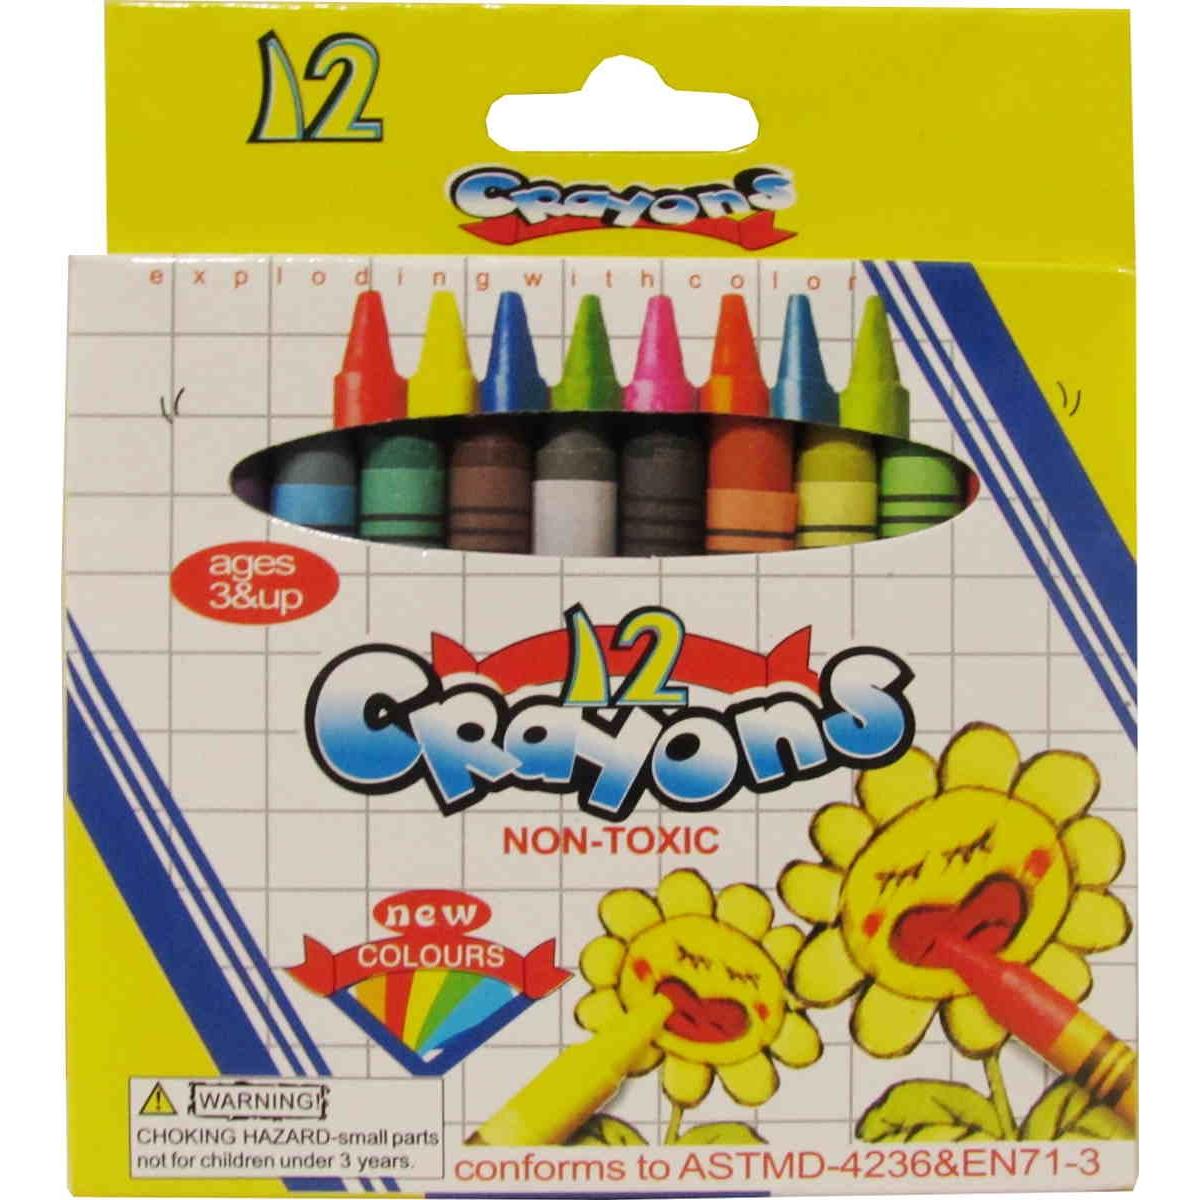 Crayones para colorear x 12 Colores-Distribuidora Romero